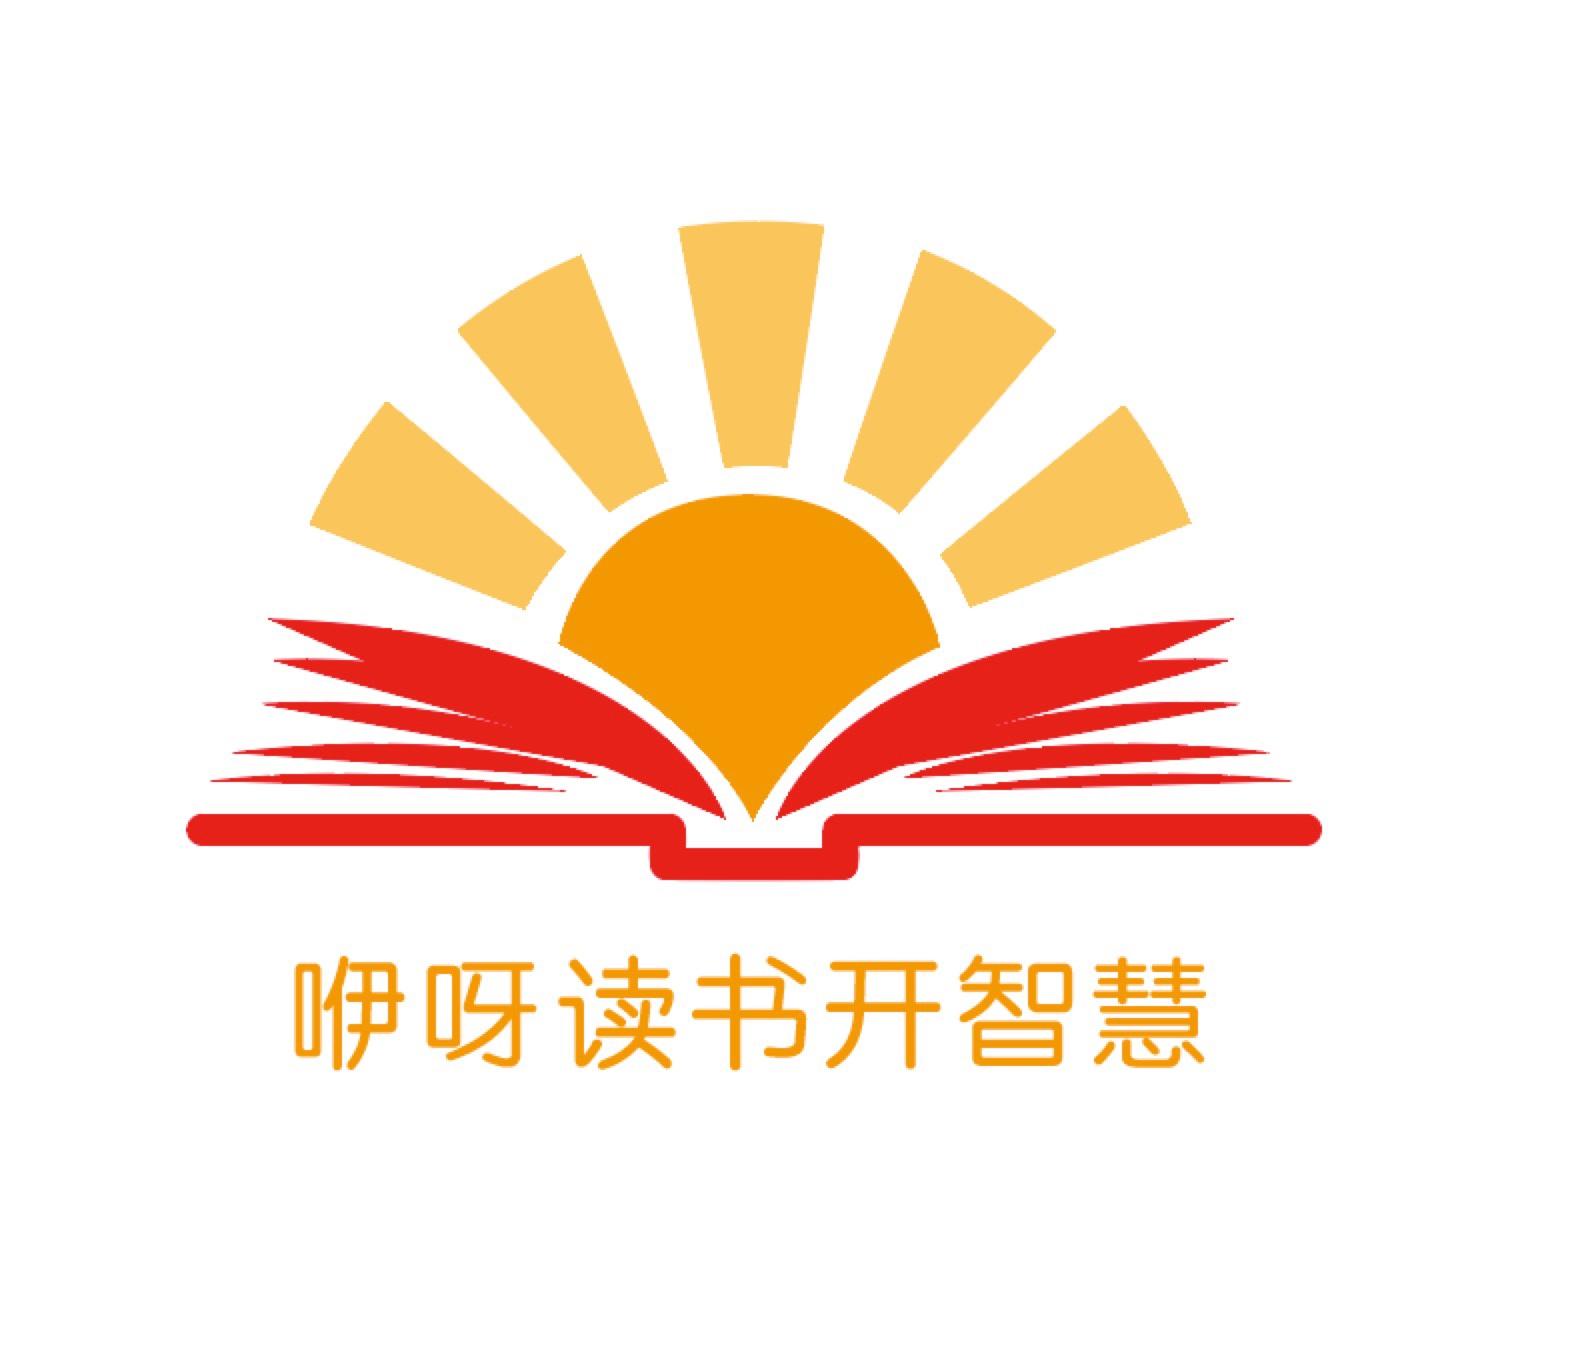 模板素材读书月·logo